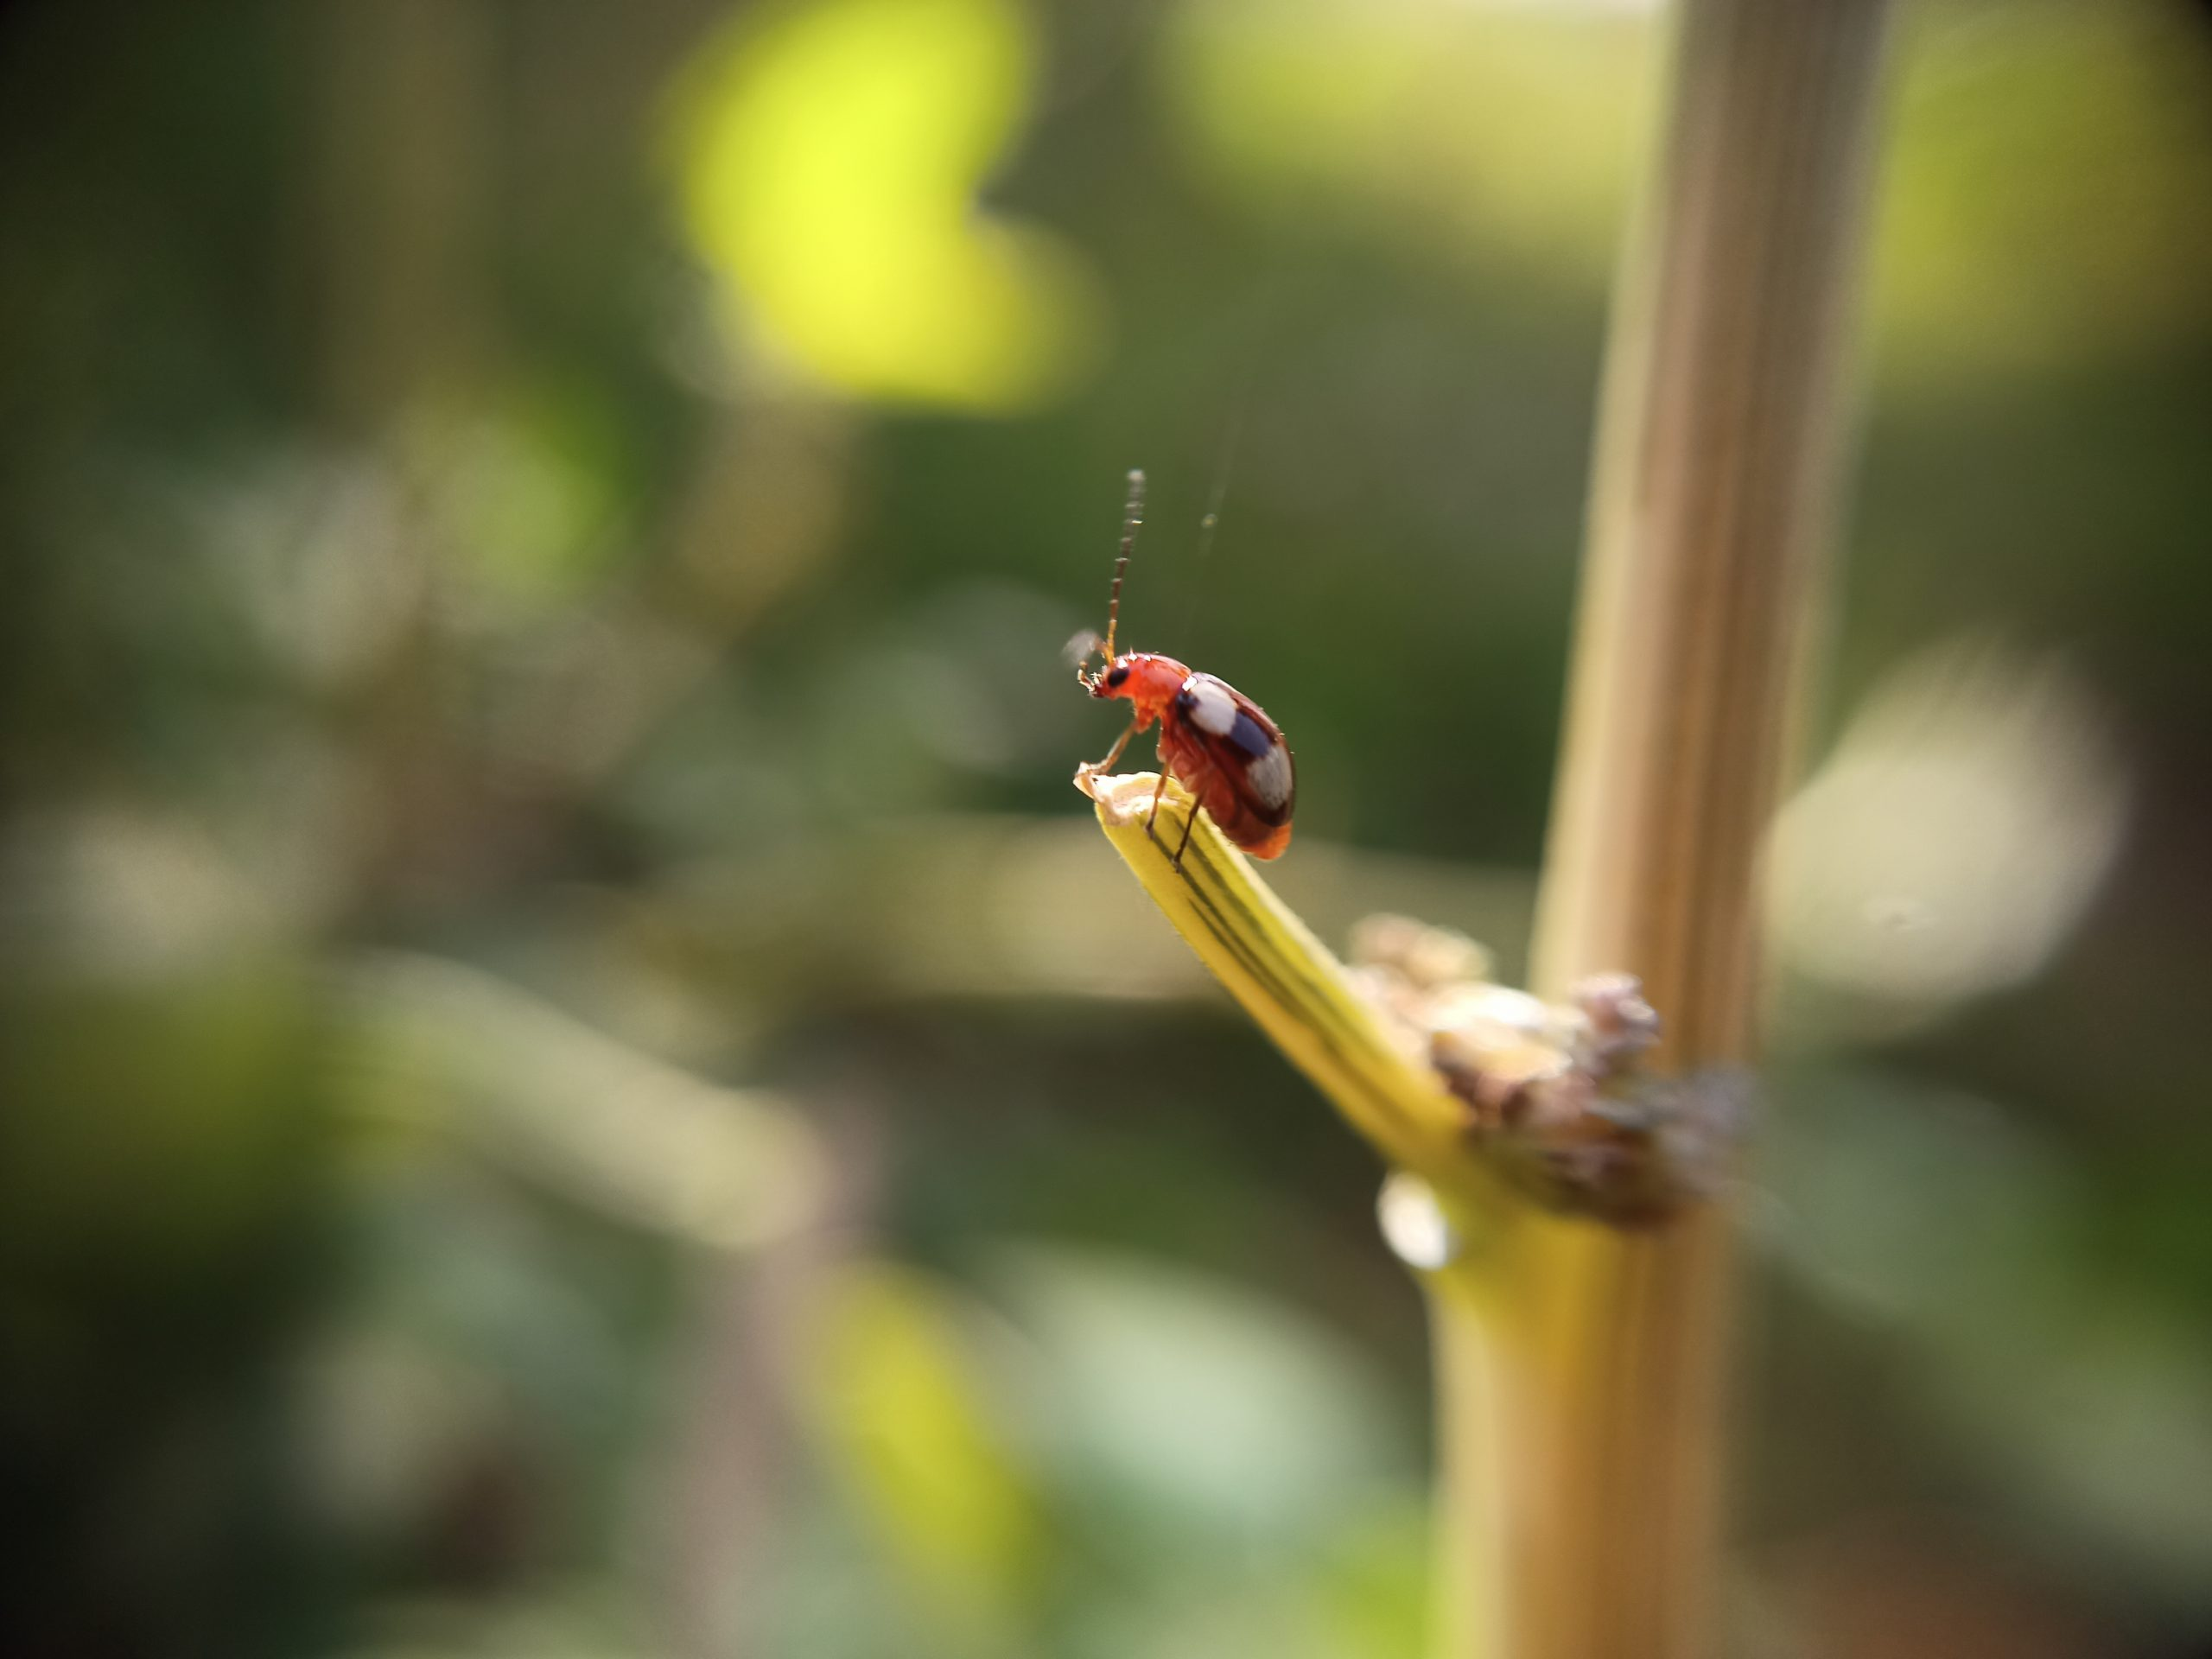 Red bug on plant stem